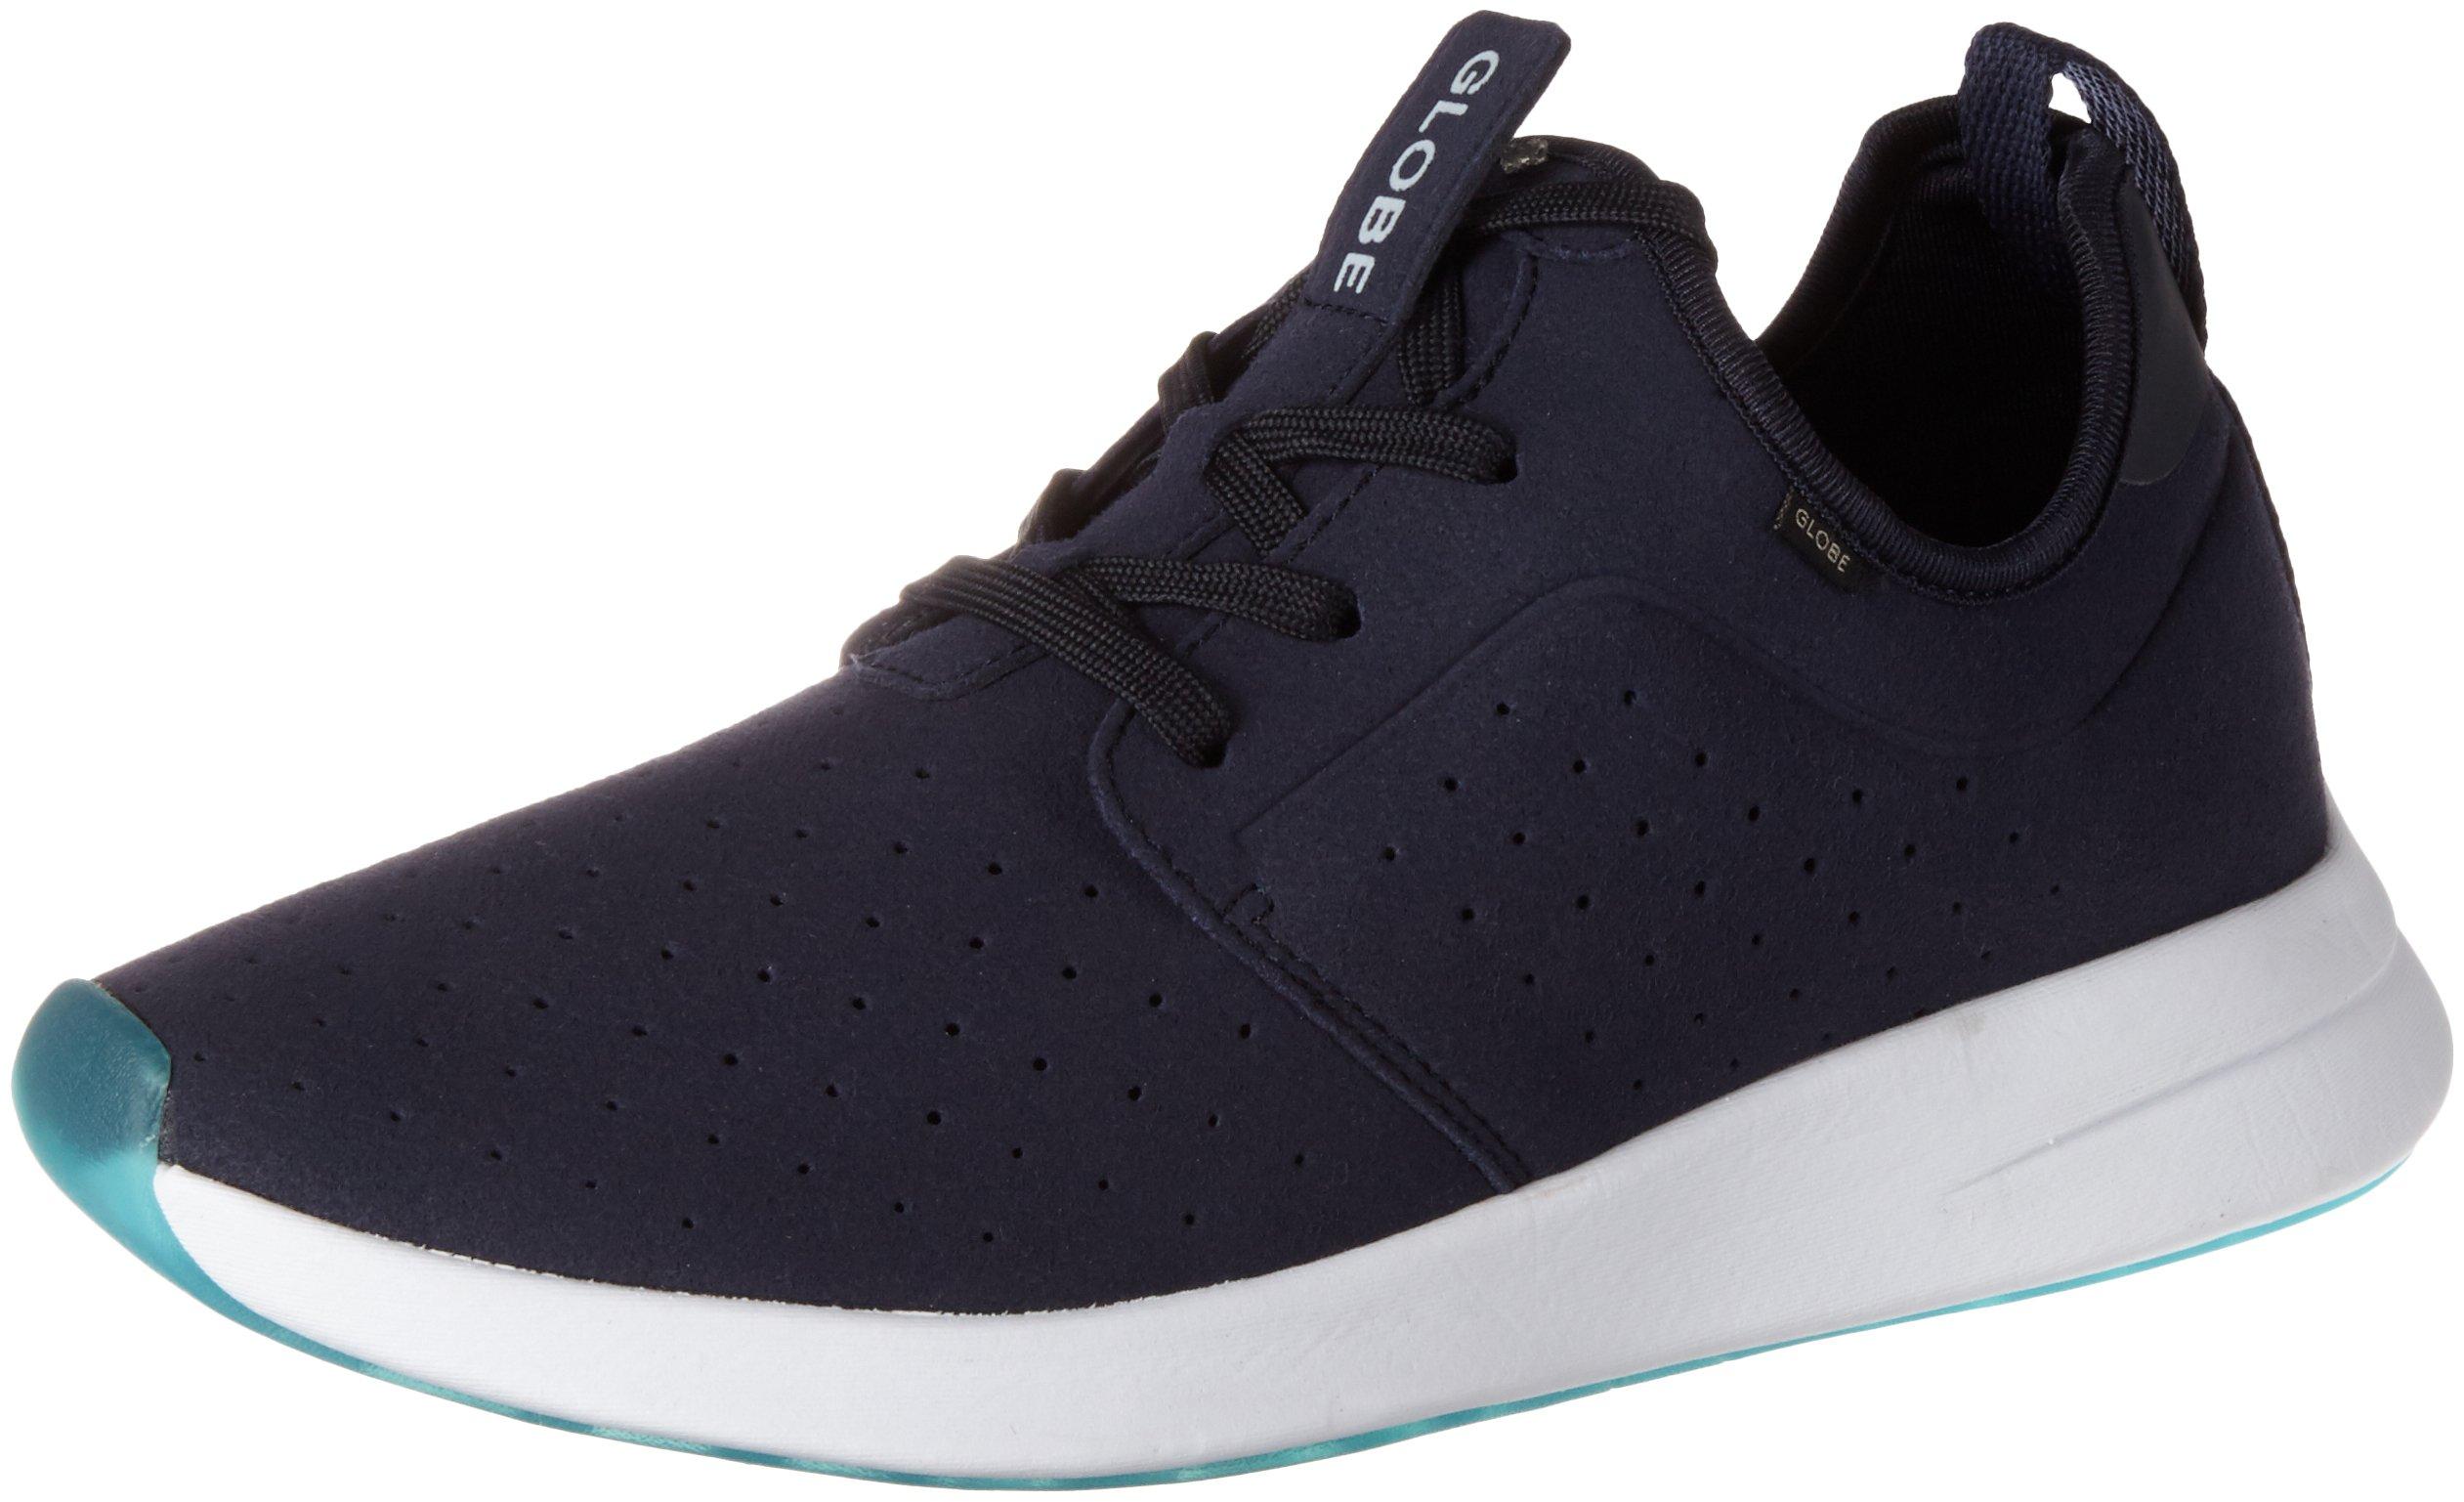 Globe Dart Lyt Shoes in Navy White UK 12